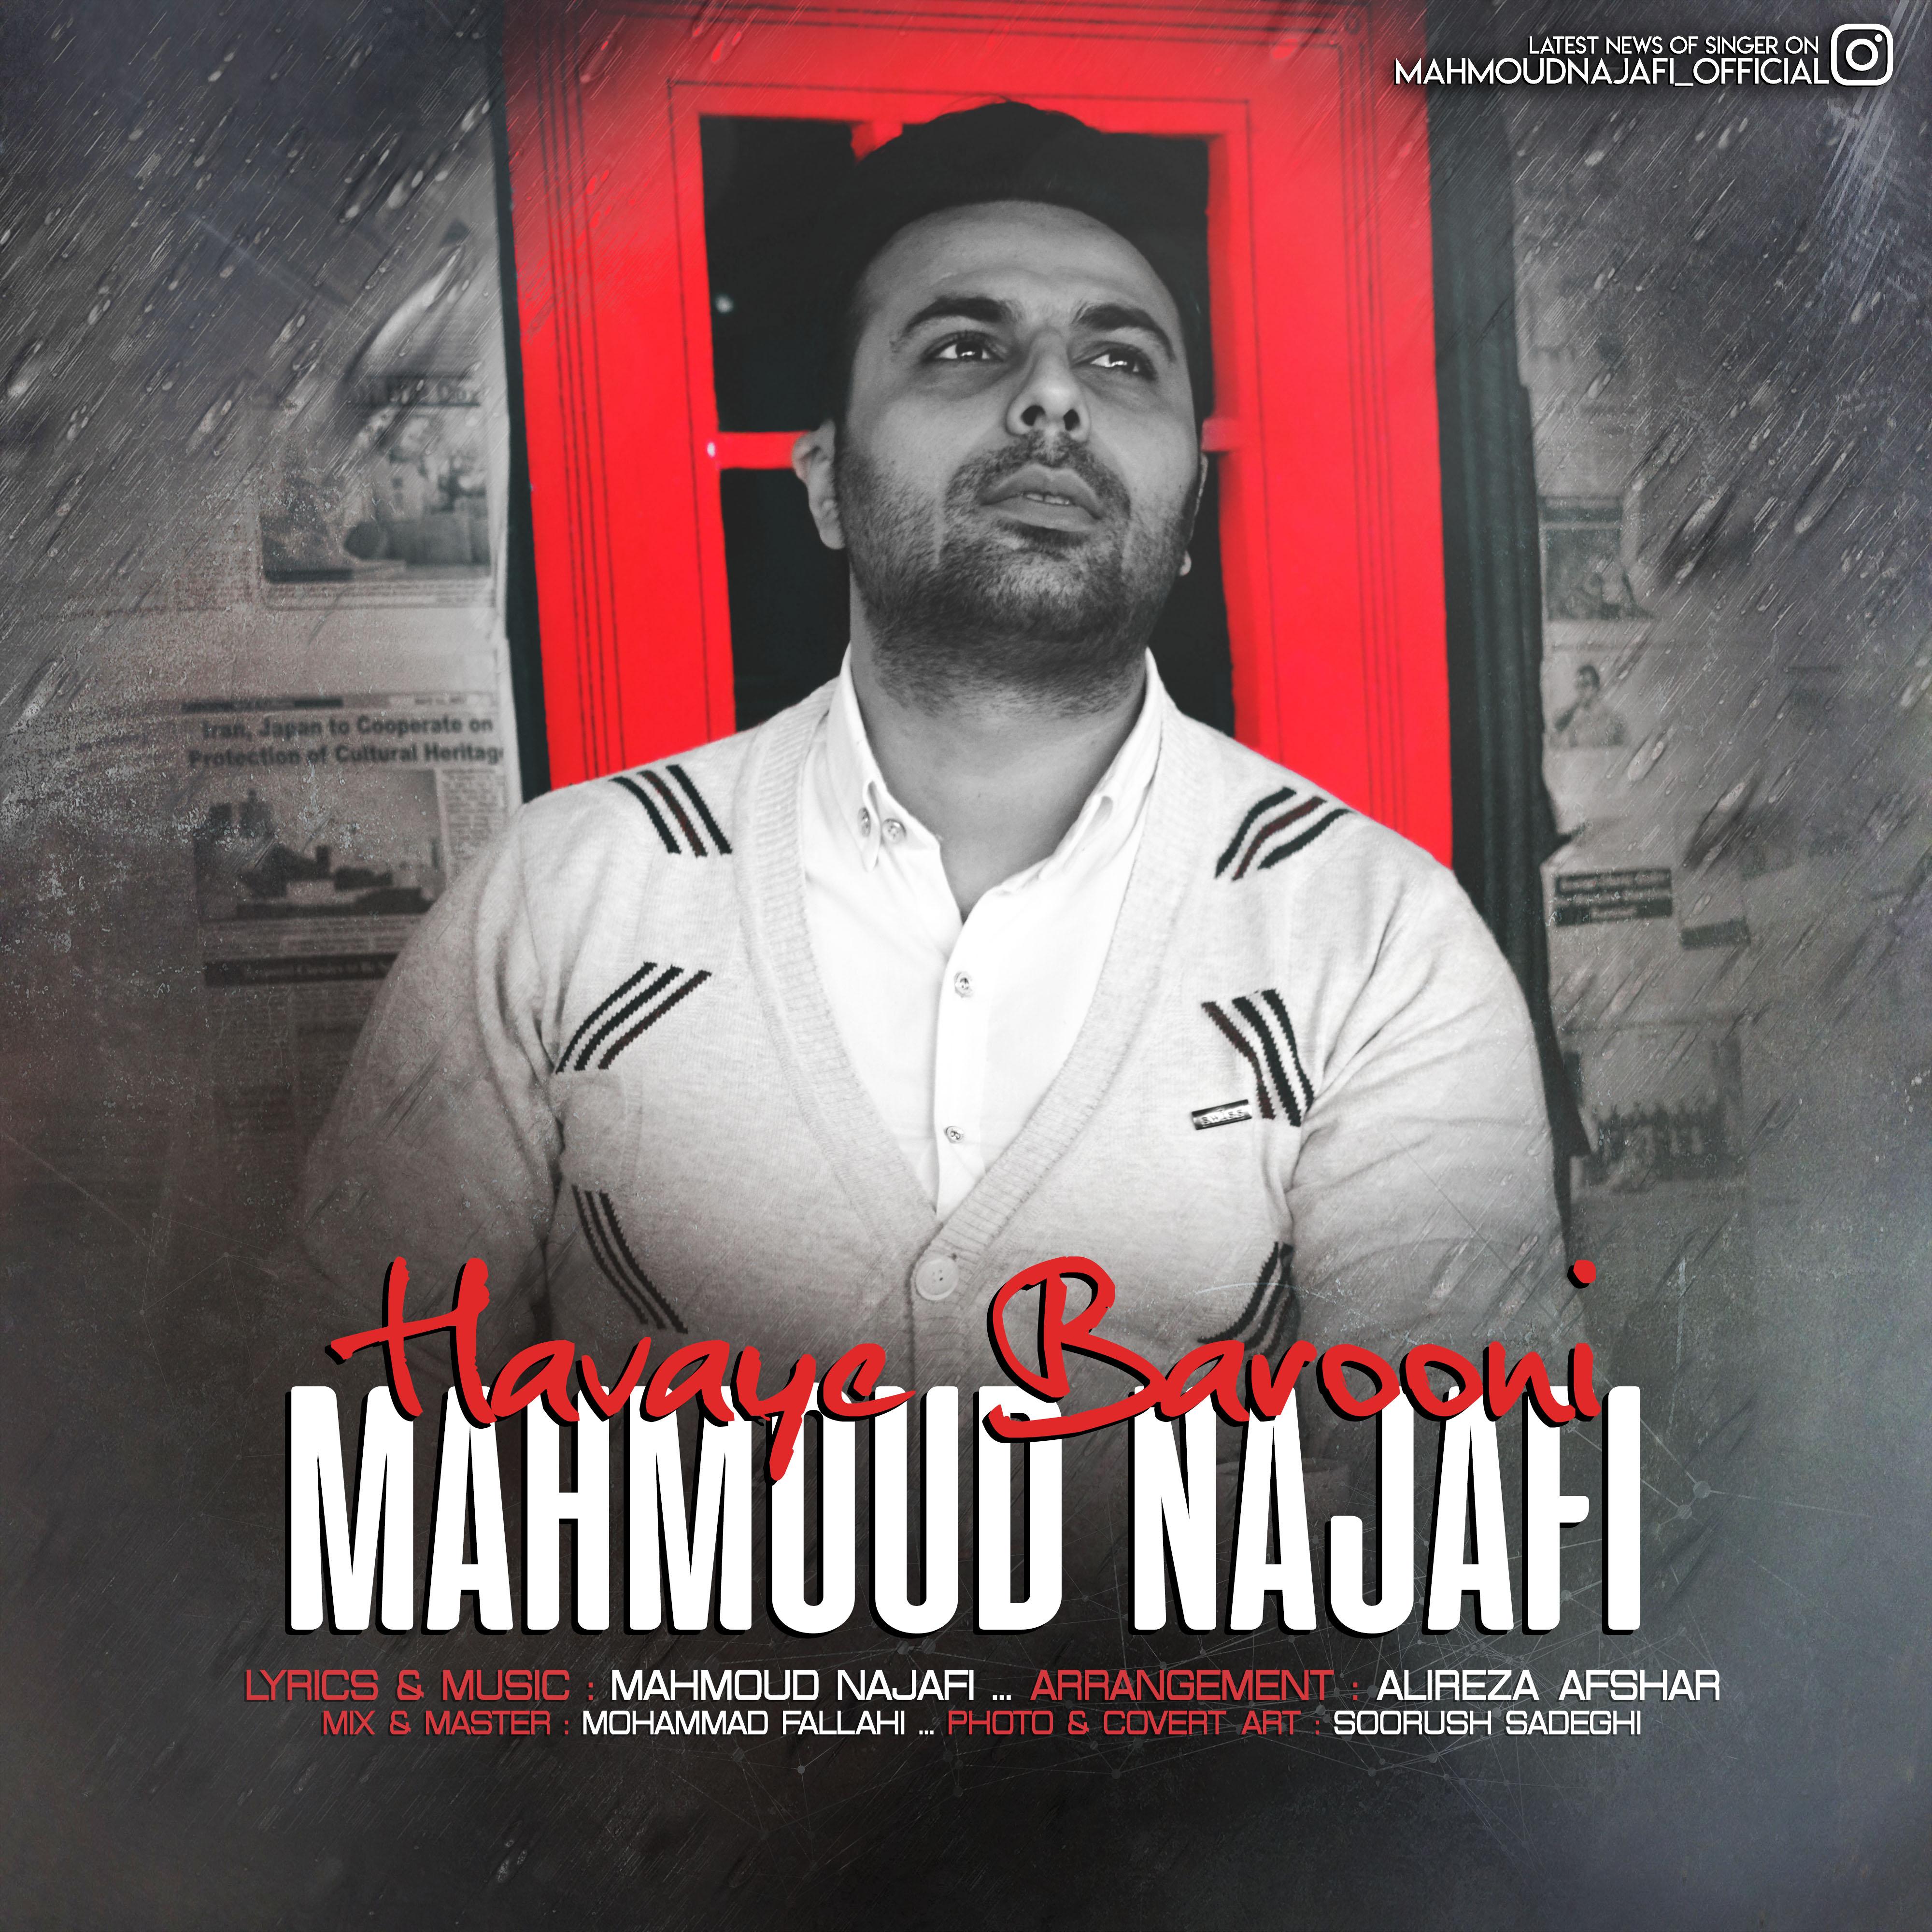 Mahmoud Najafi – Havaye Barooni